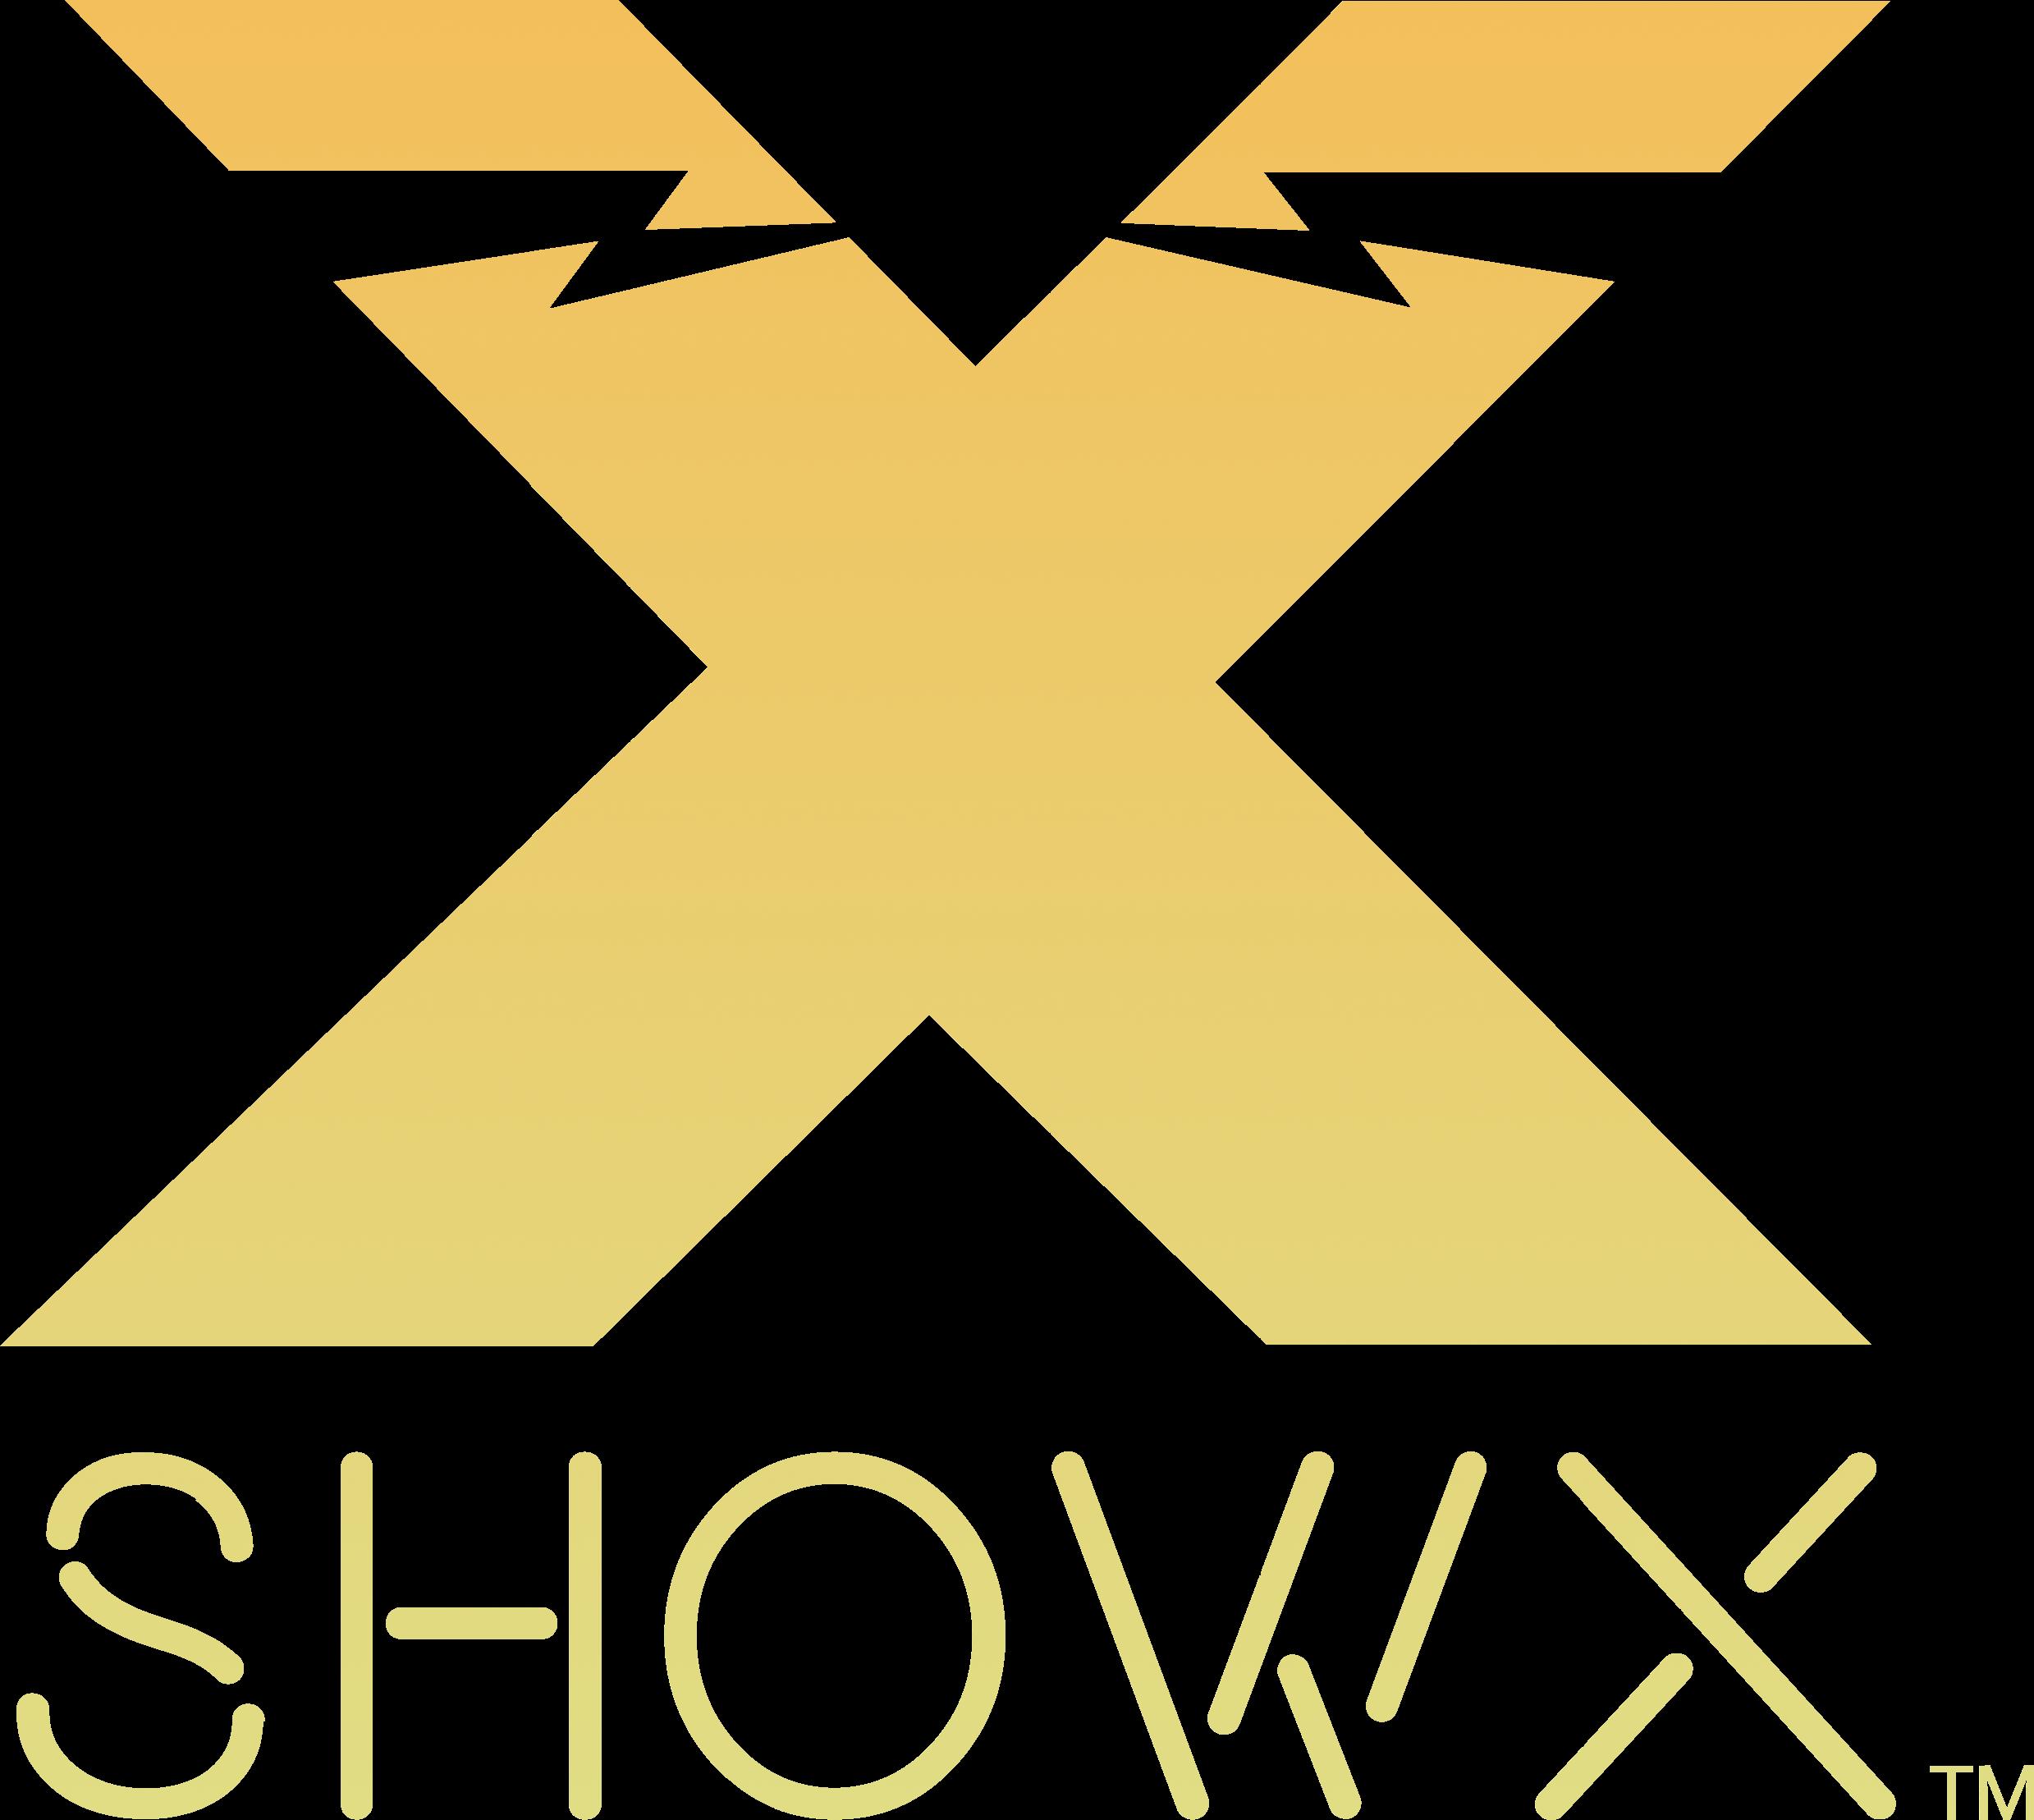 SHOWX Logo (gold)